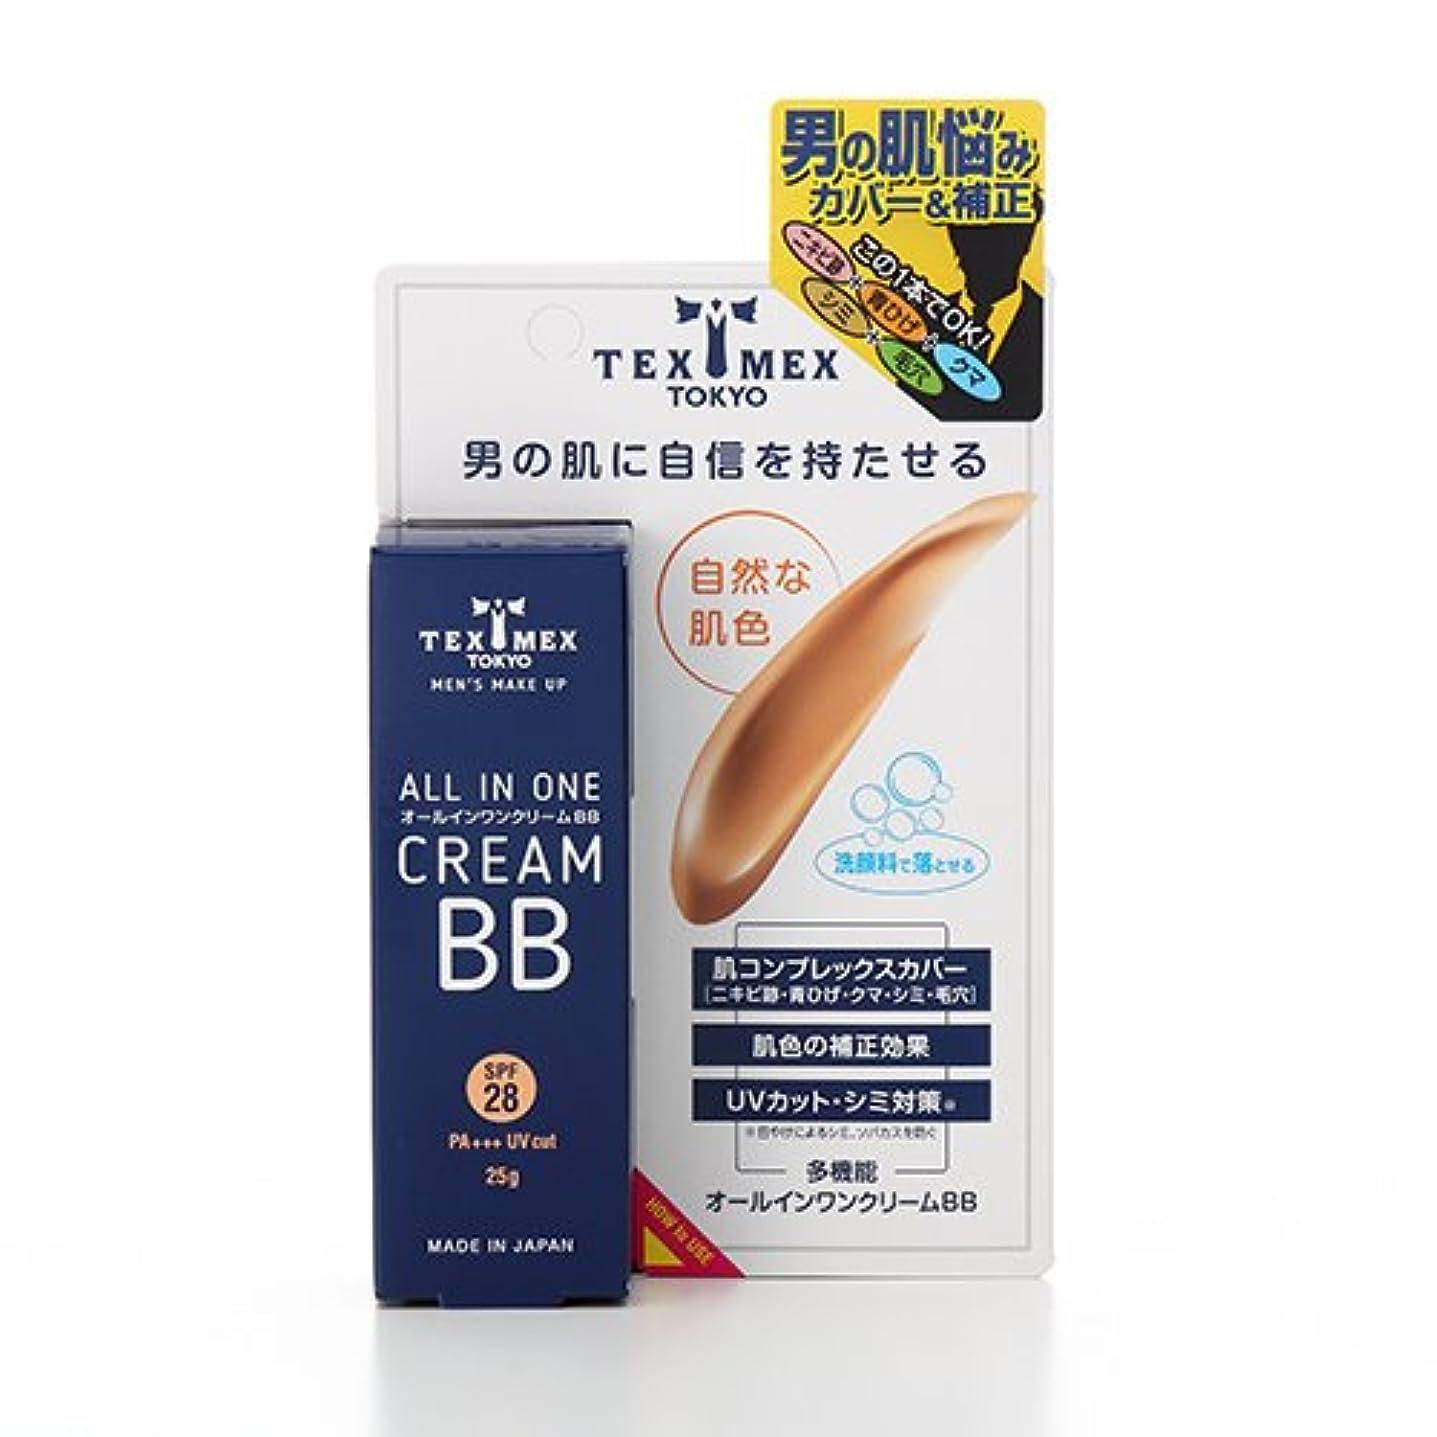 生じる接続割合テックスメックス オールインワンクリームBB 25g (ファンデーション) 【日焼け止め、ニキビ跡、青ひげカバー】